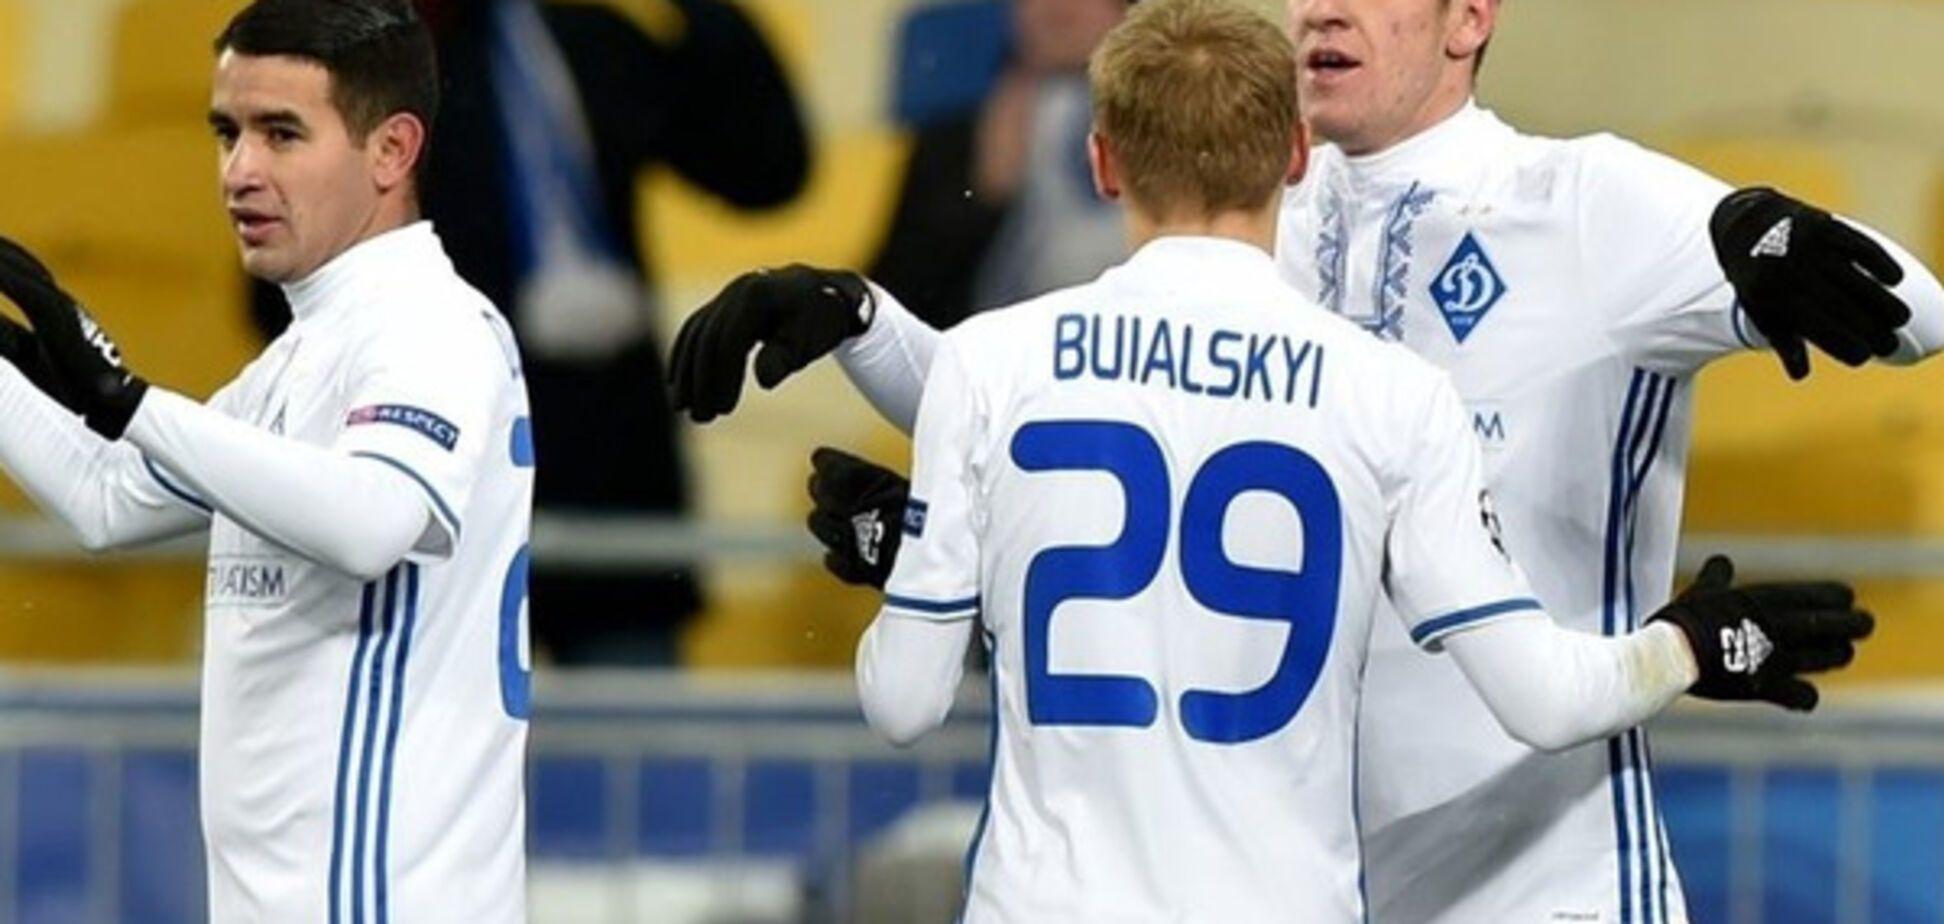 Бесєдін та Бульяський - вихованці Динамо